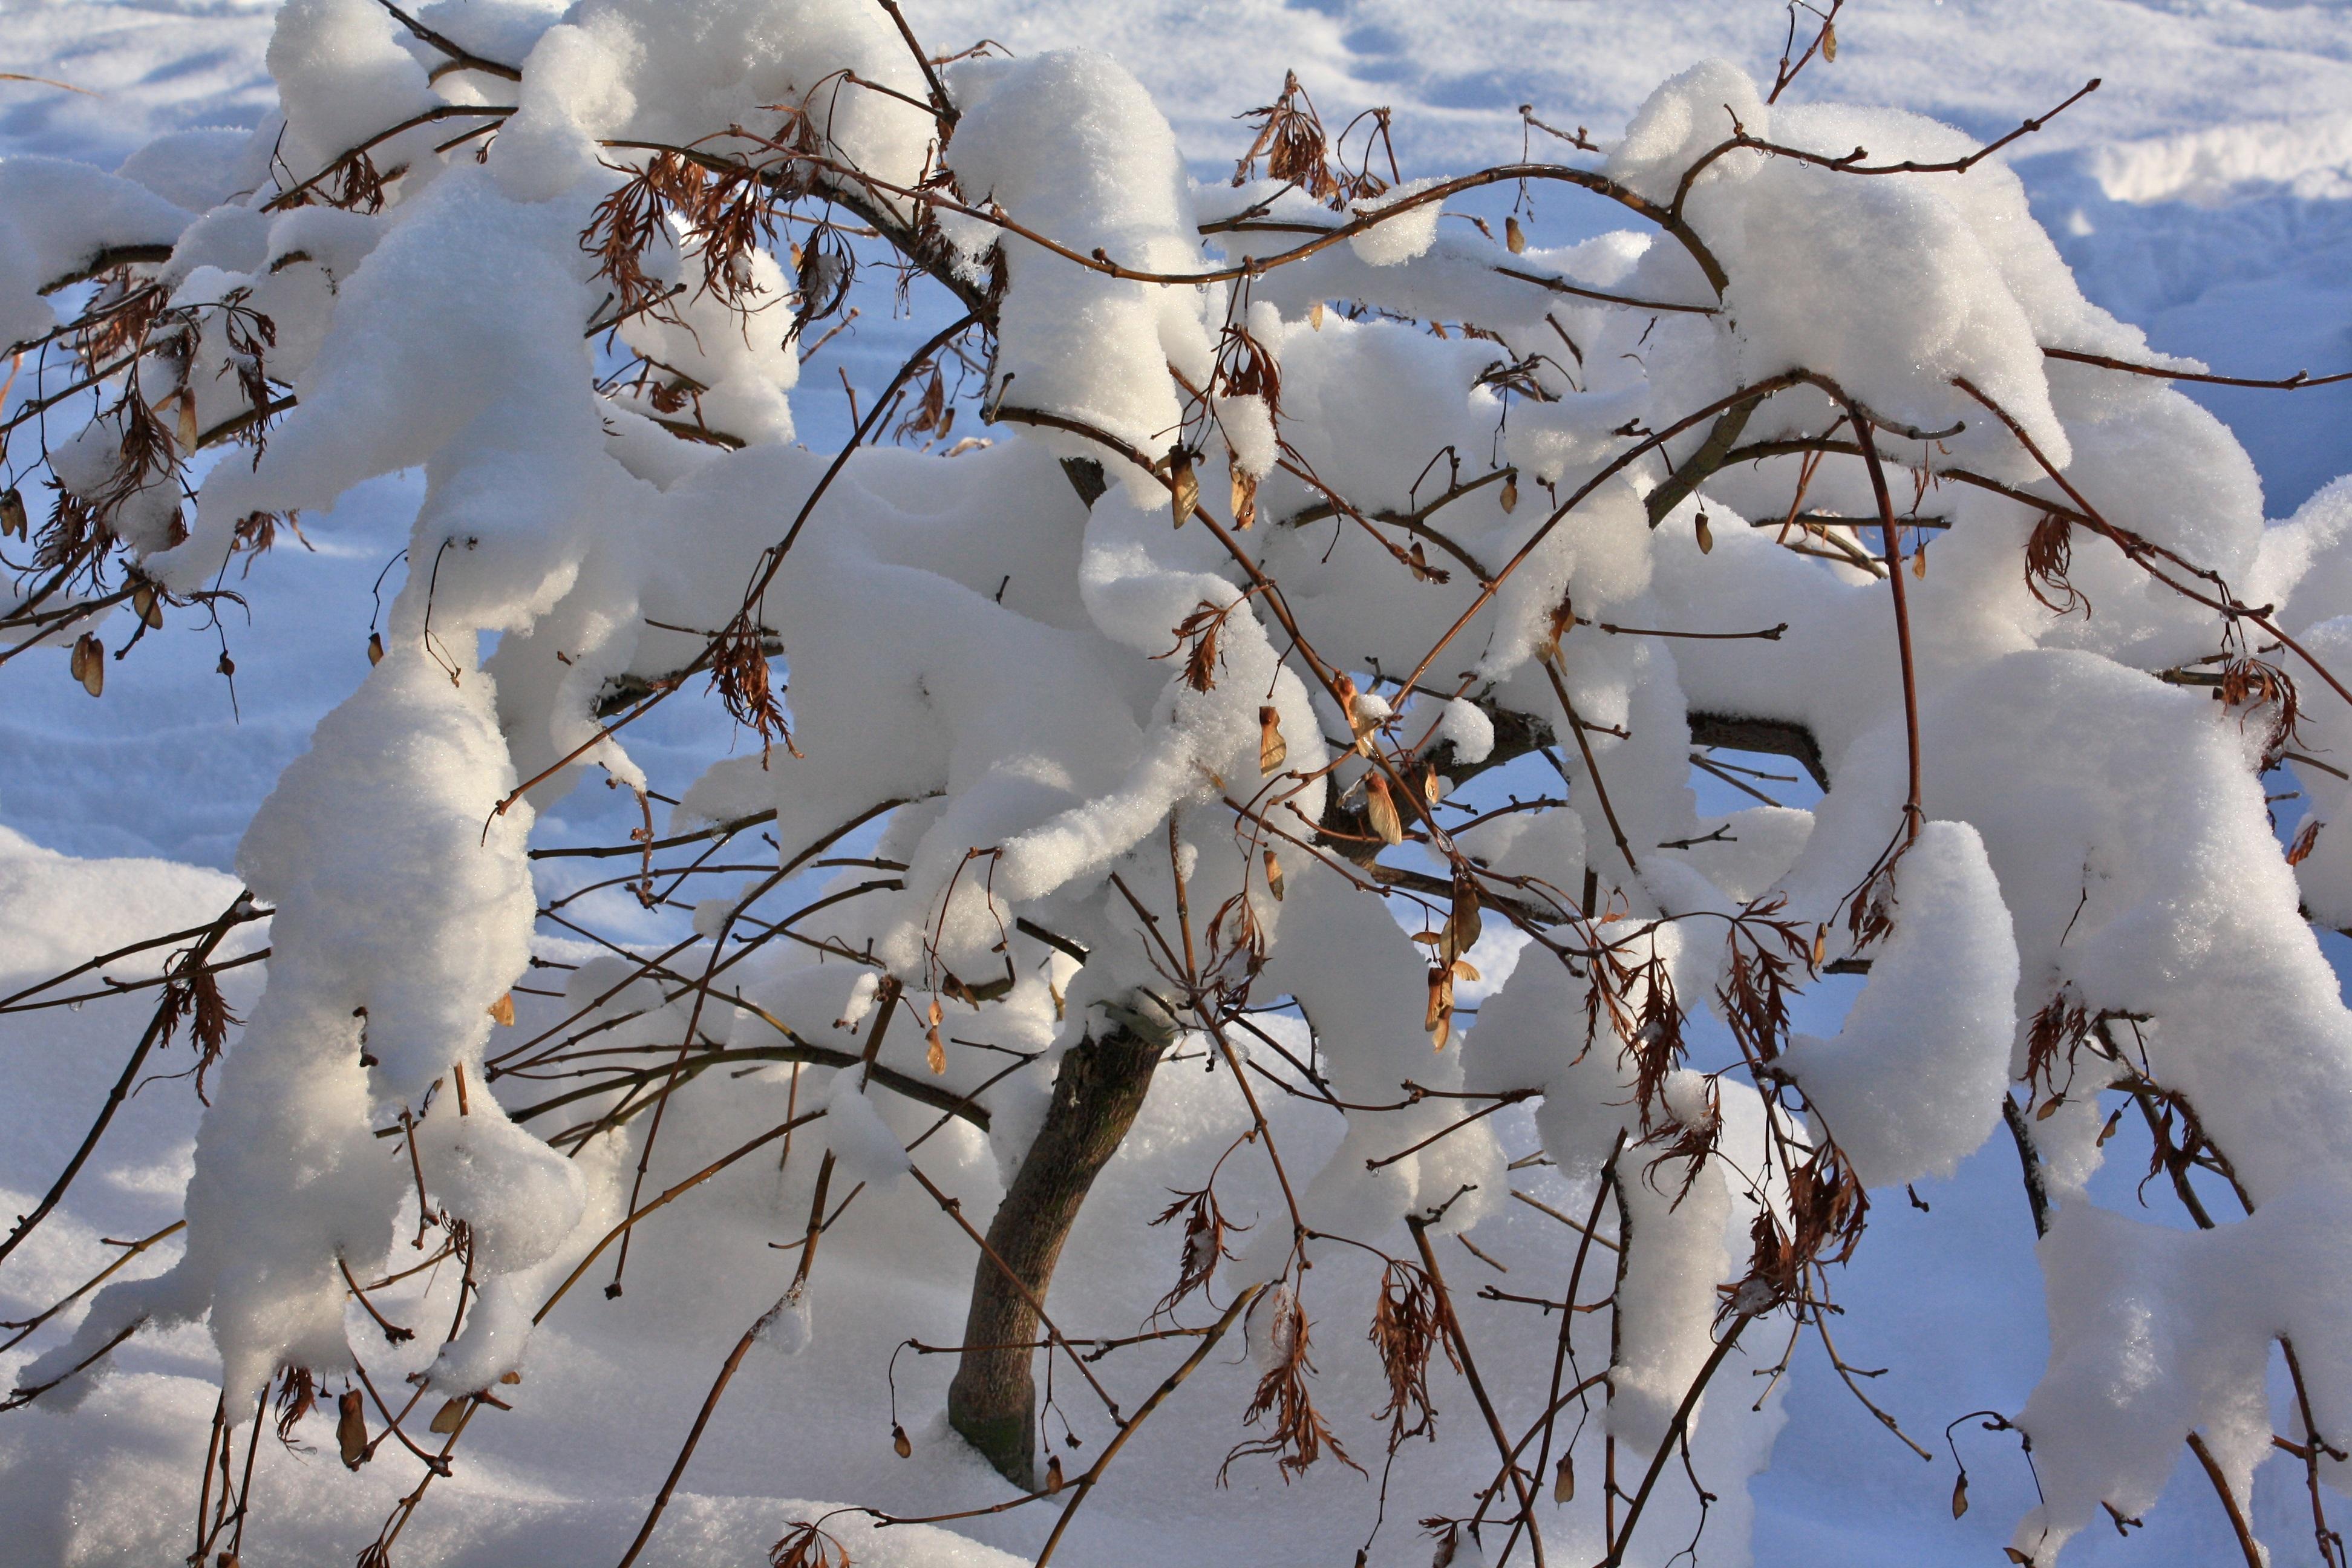 картинка деревья и кусты зимой стремительно заливала